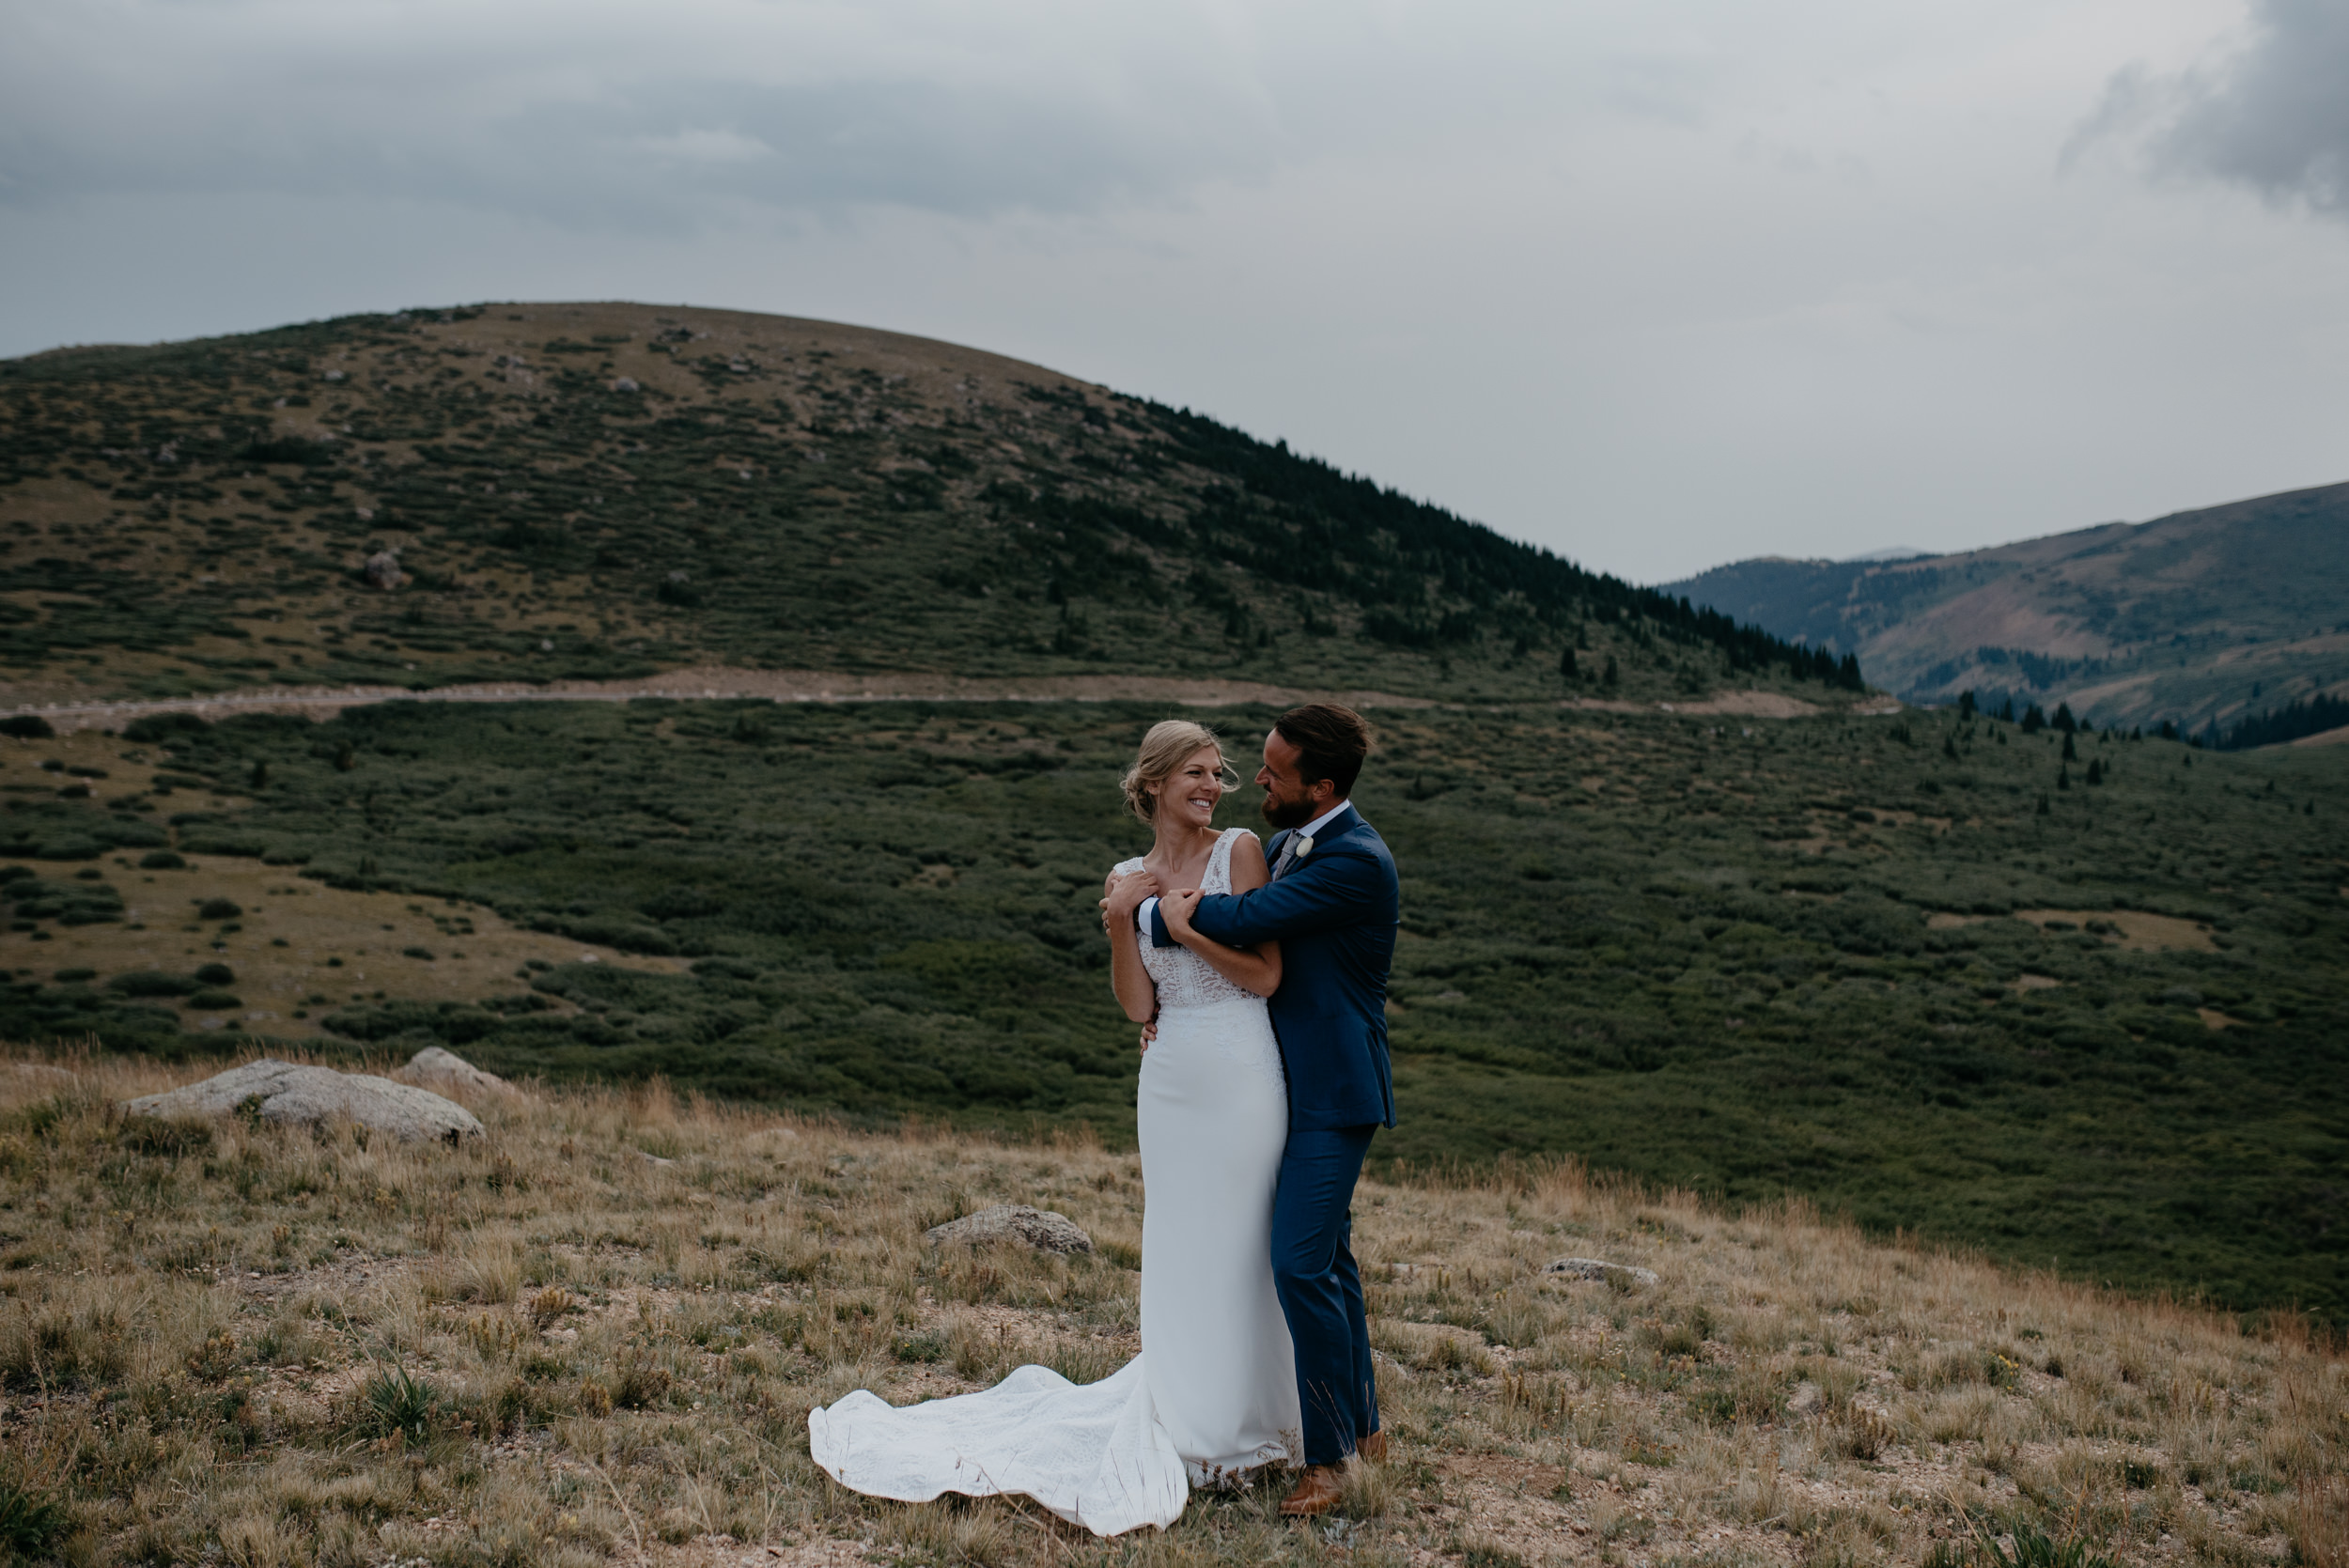 Guanella Pass in Colorado. Colorado intimate wedding photographer